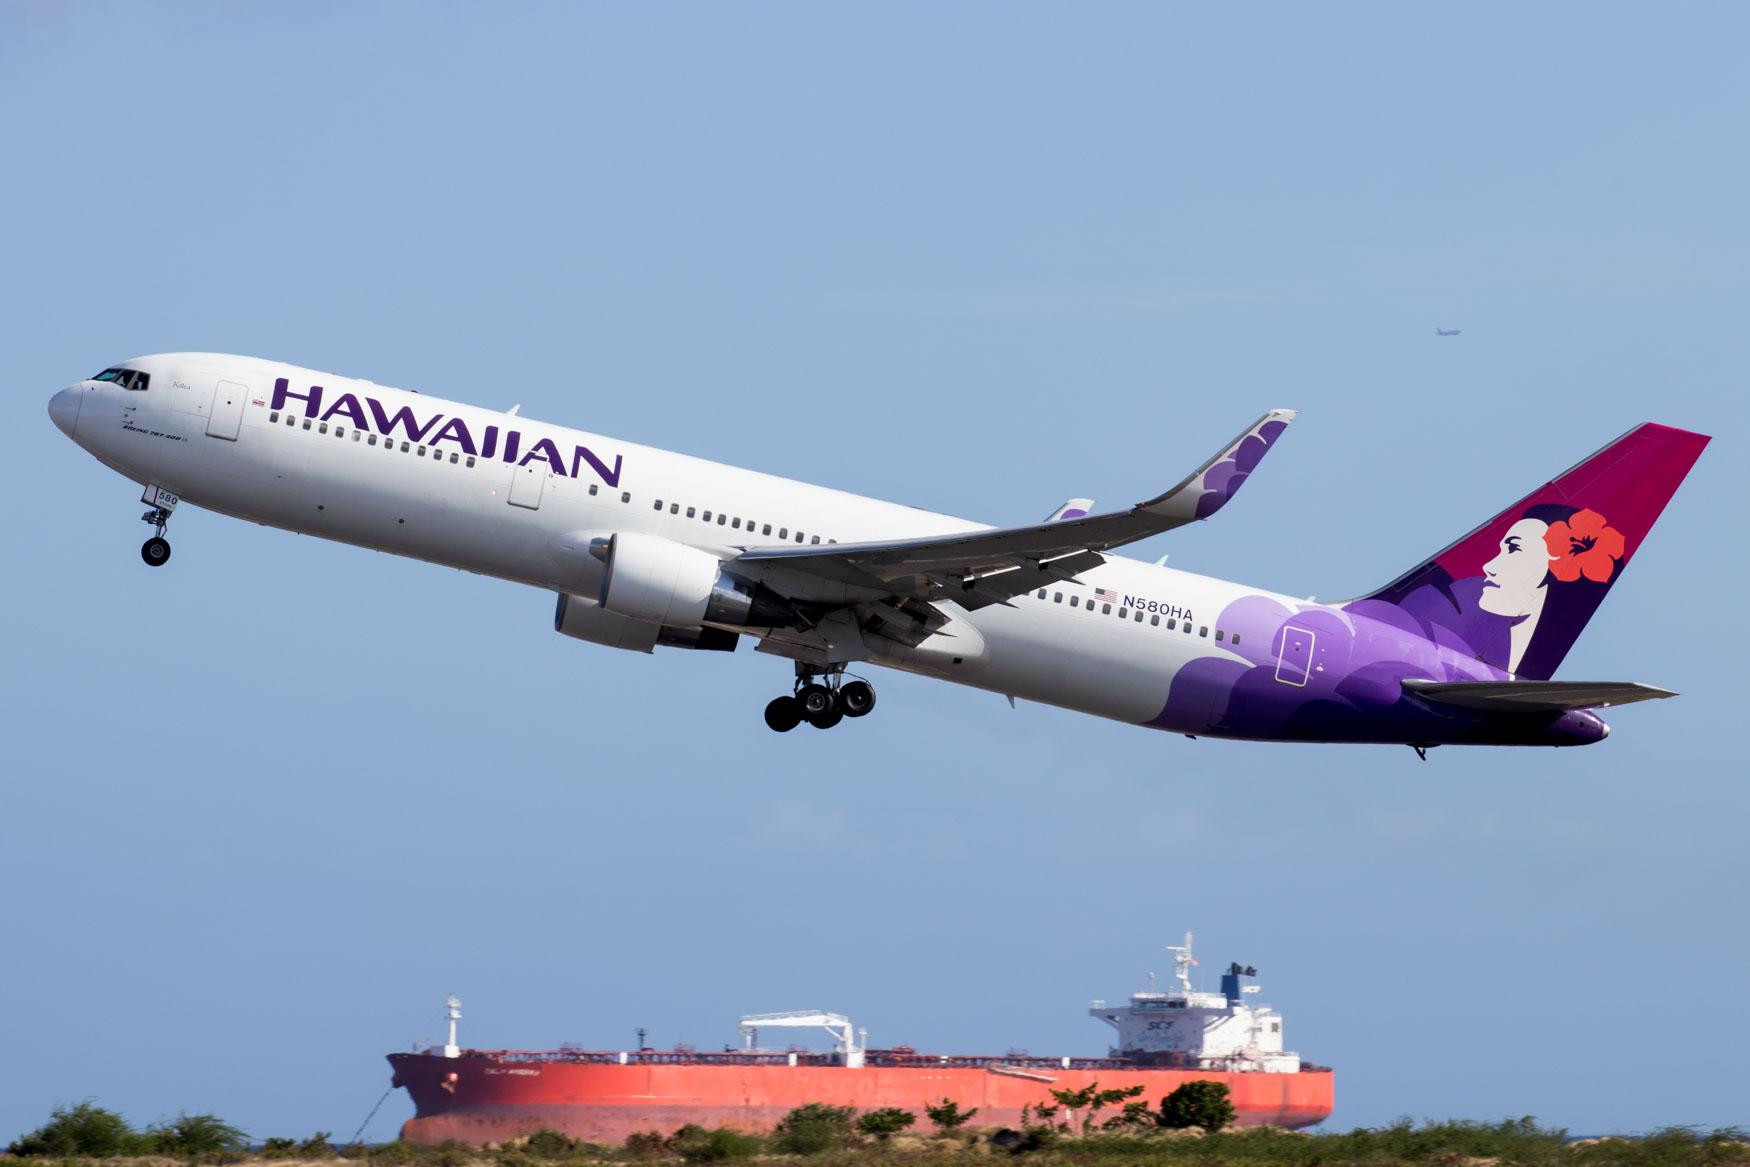 Hawaiian Airlines Boeing 767-300ER